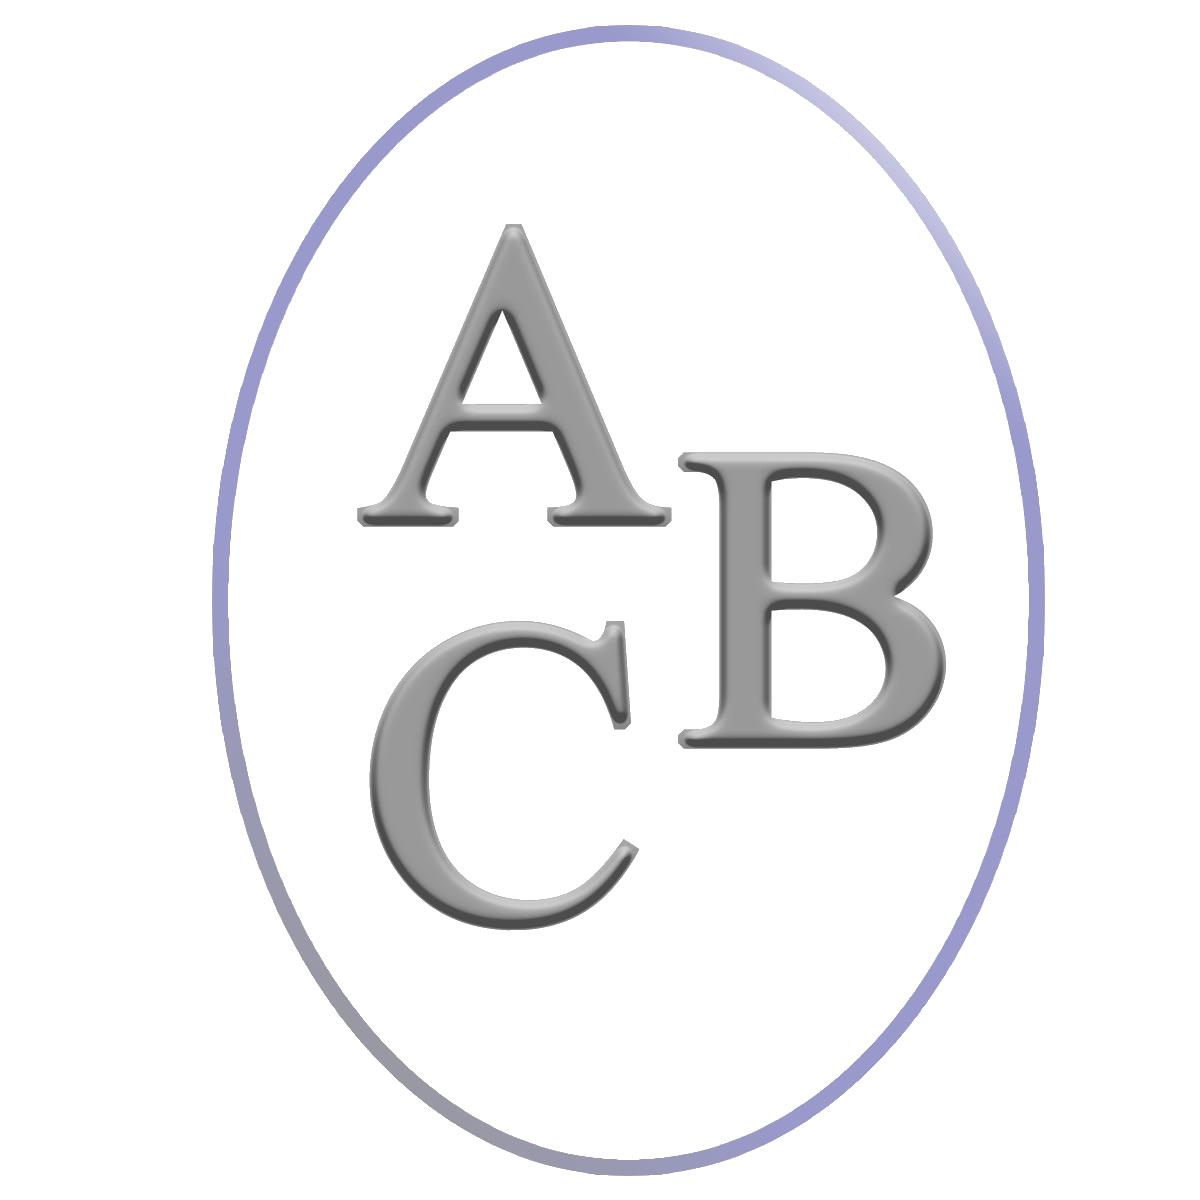 LOGO ABC ORIGINAL